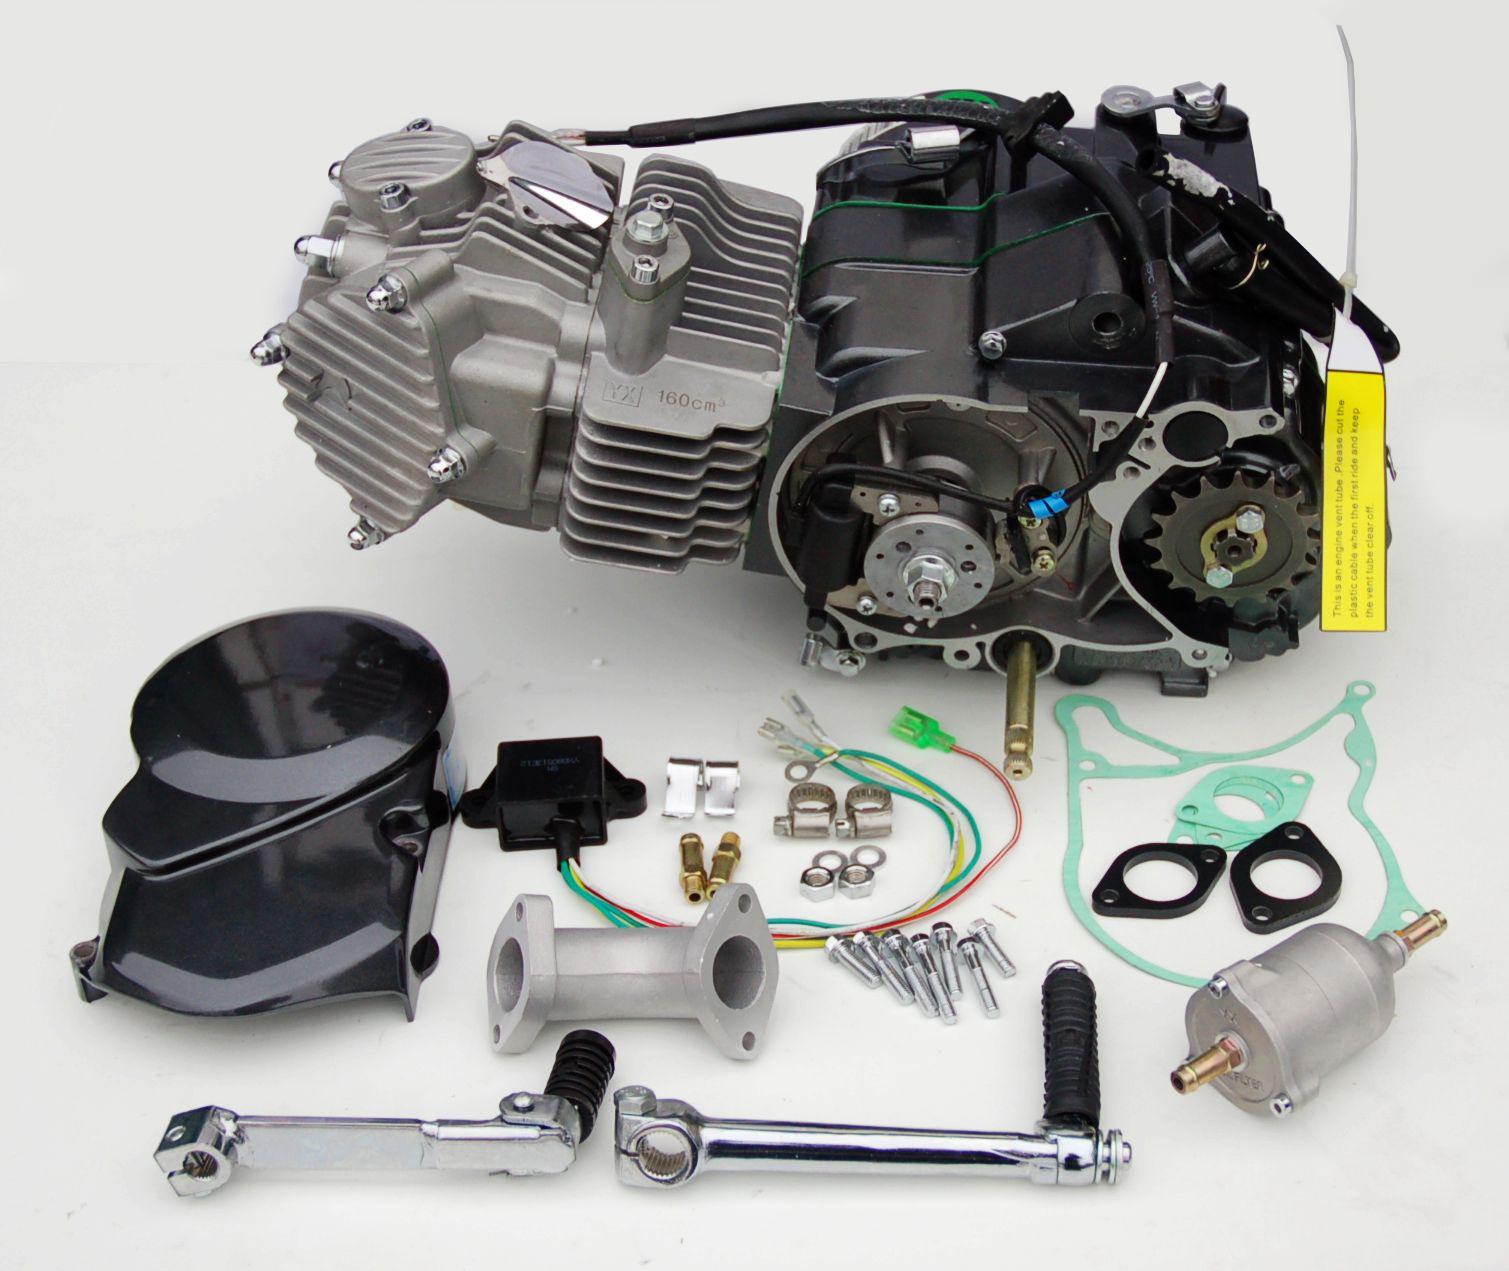 Gemütlich Lifan Motor Schaltplan Fotos - Elektrische Schaltplan ...